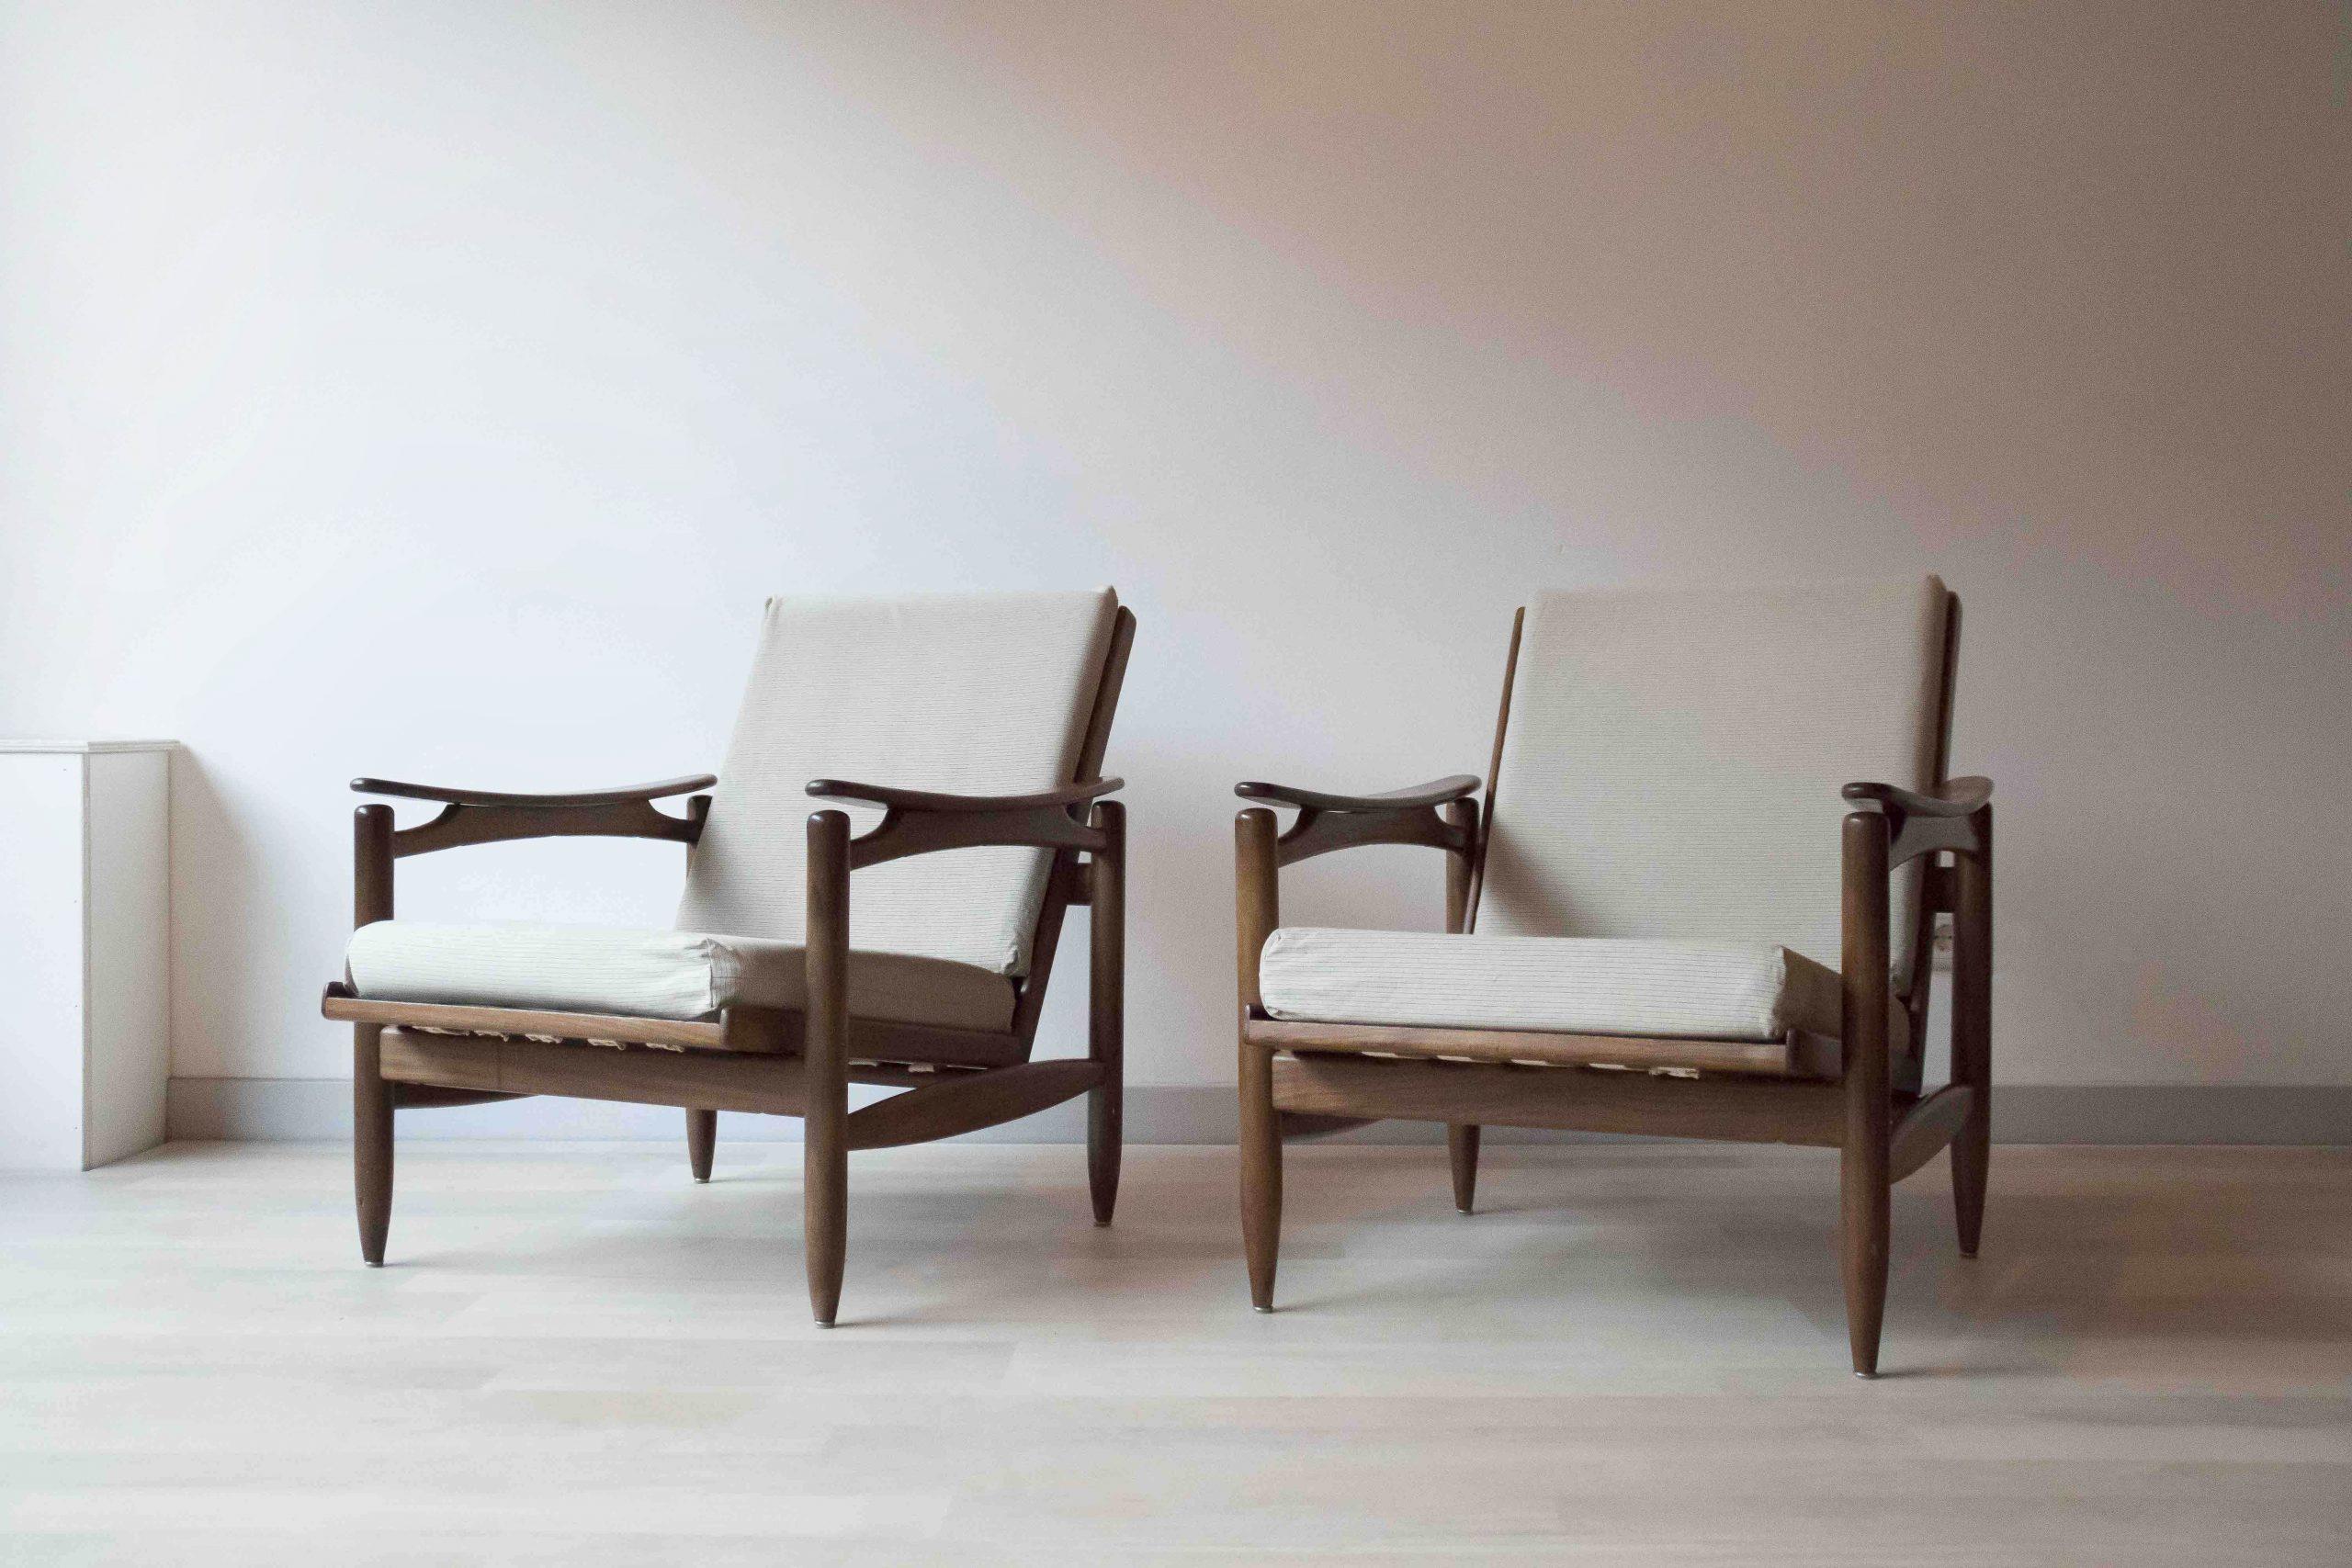 Leuke Design Fauteuil.Retro Deense Design Fauteuils Uit De Jaren 60 Met Organische